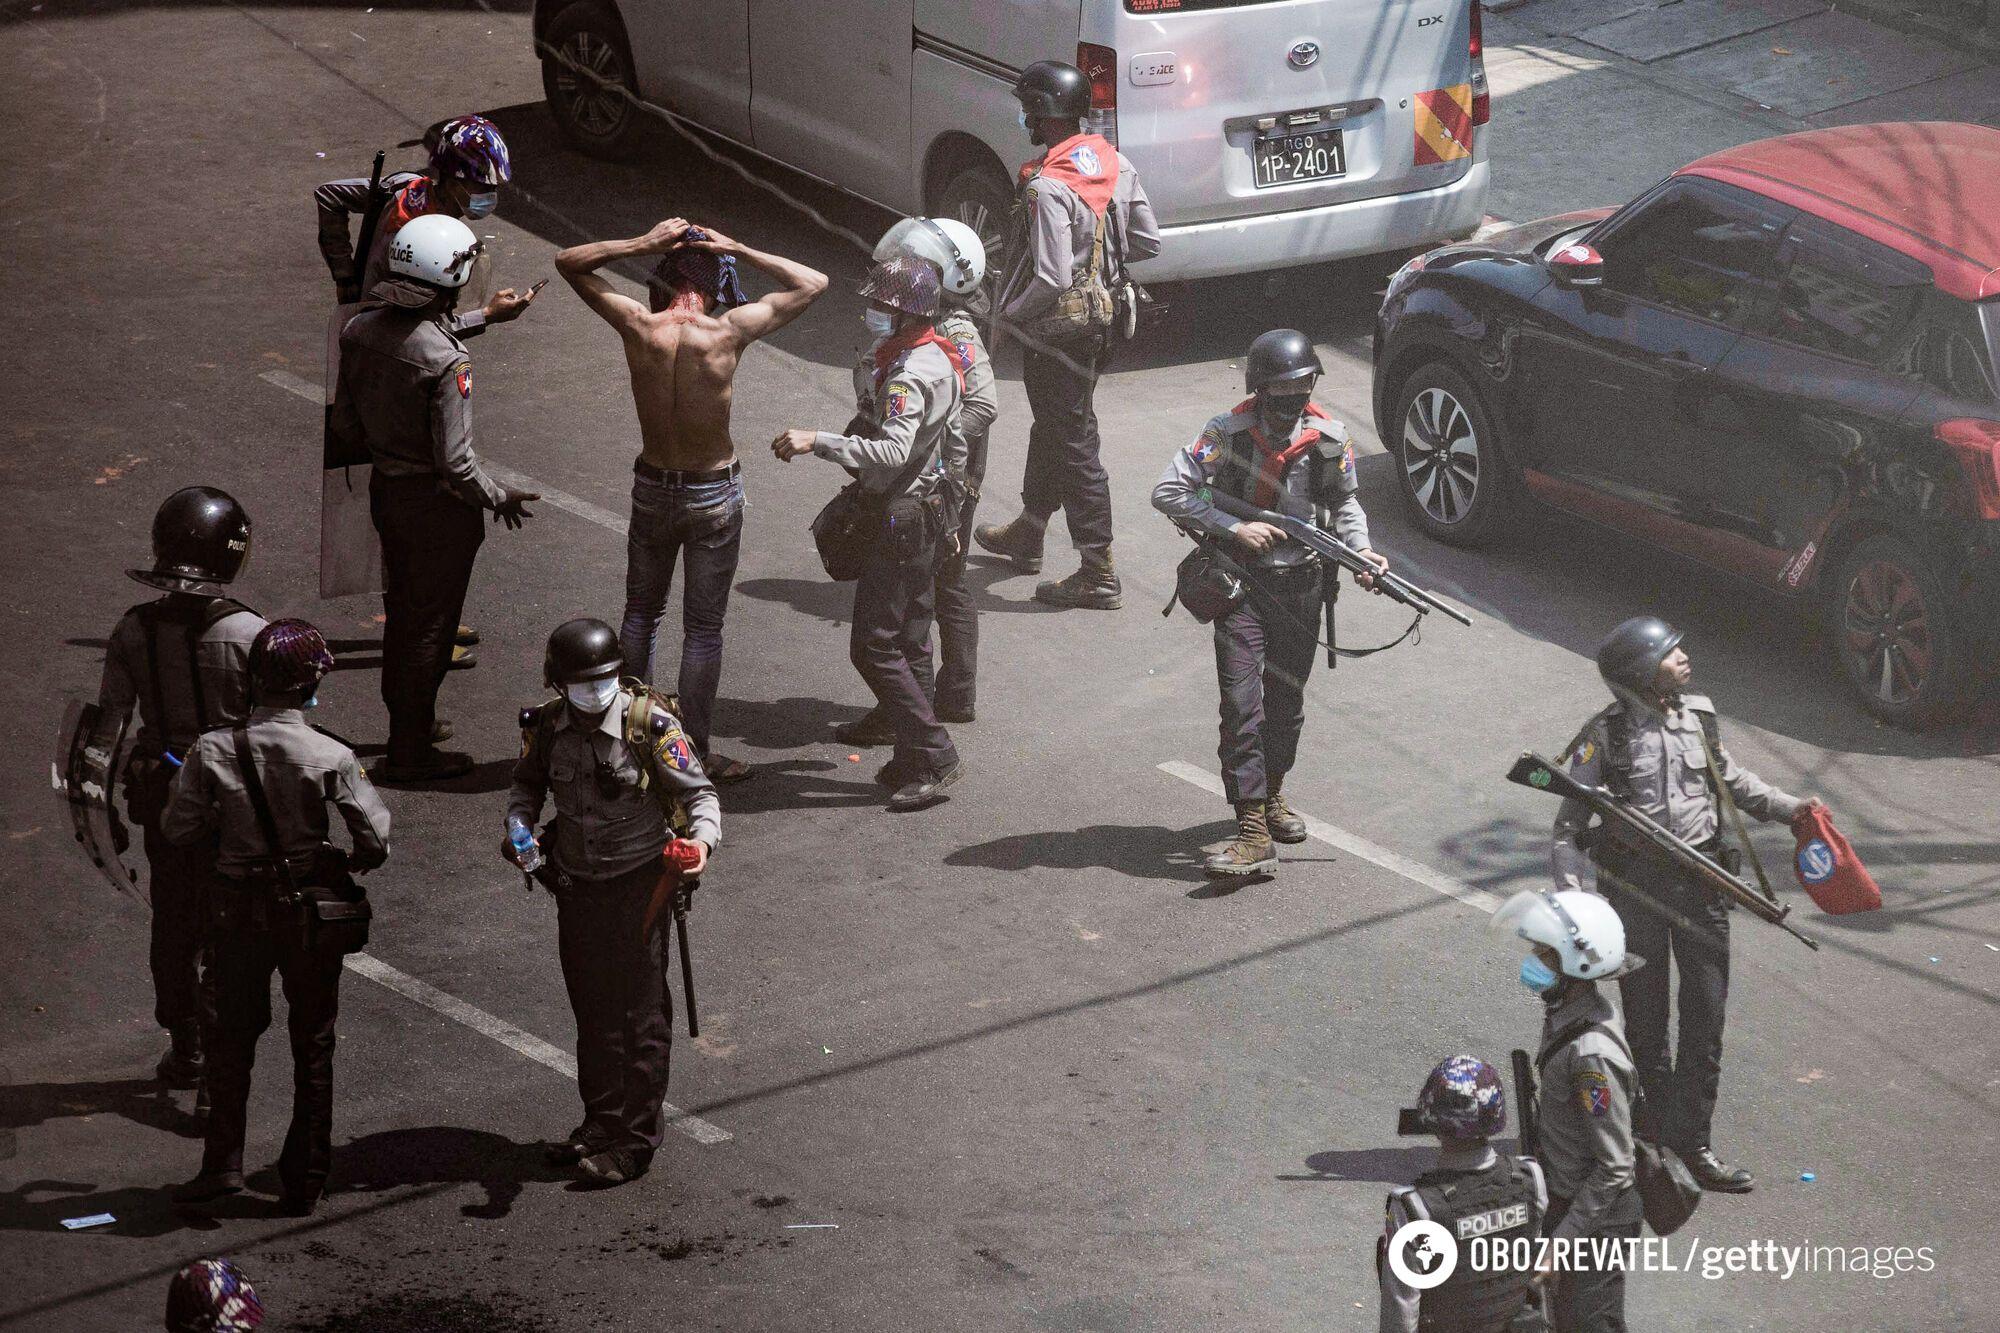 Співробітники поліції затримують протестувальника